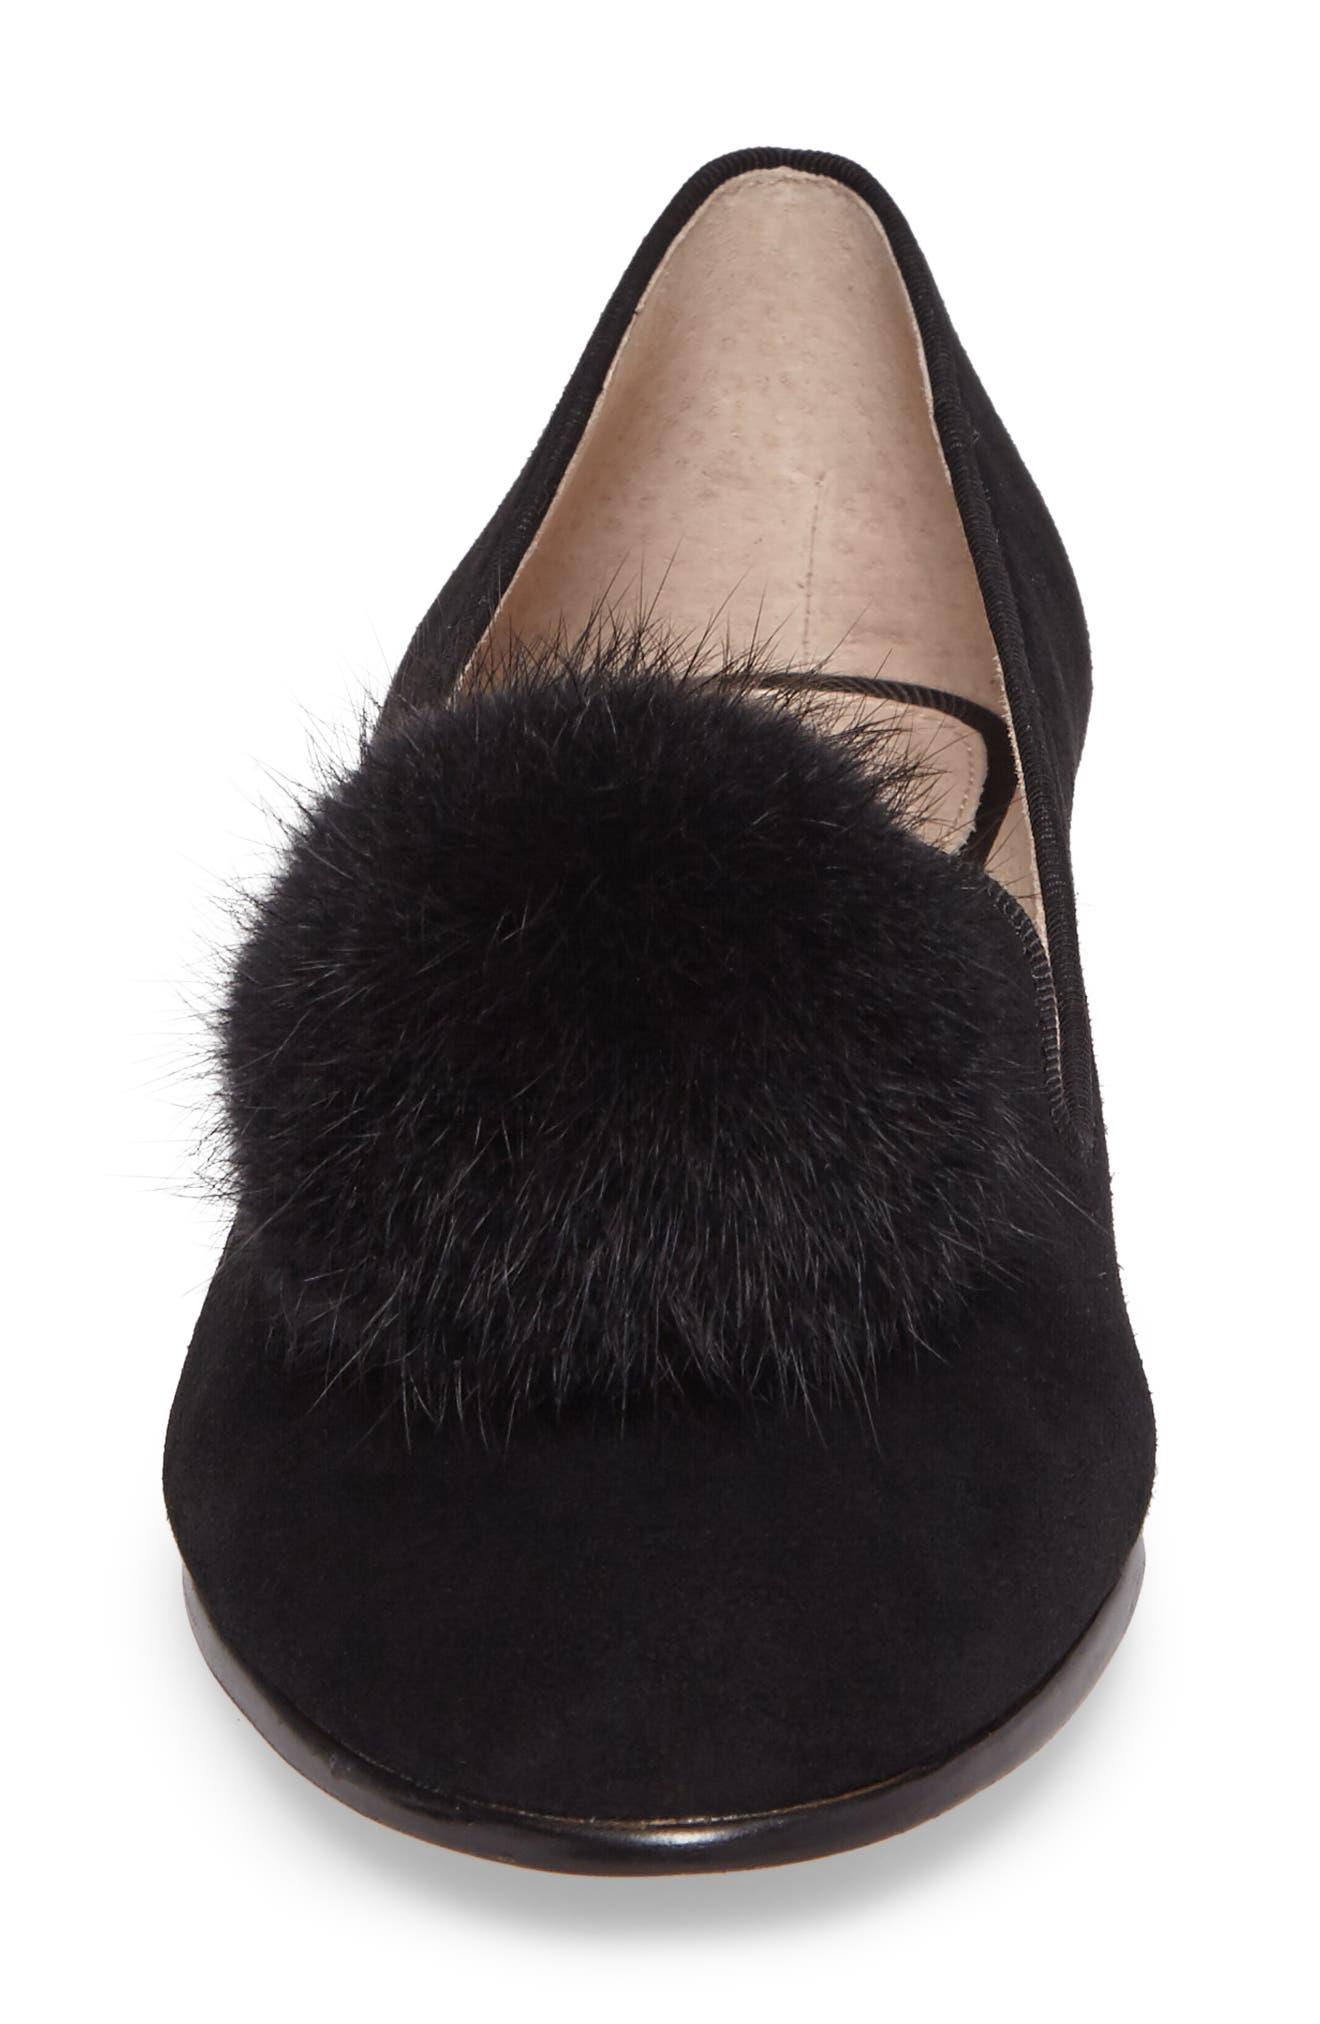 Andres Genuine Rabbit Fur Pom Loafer,                             Alternate thumbnail 4, color,                             BLACK SUEDE